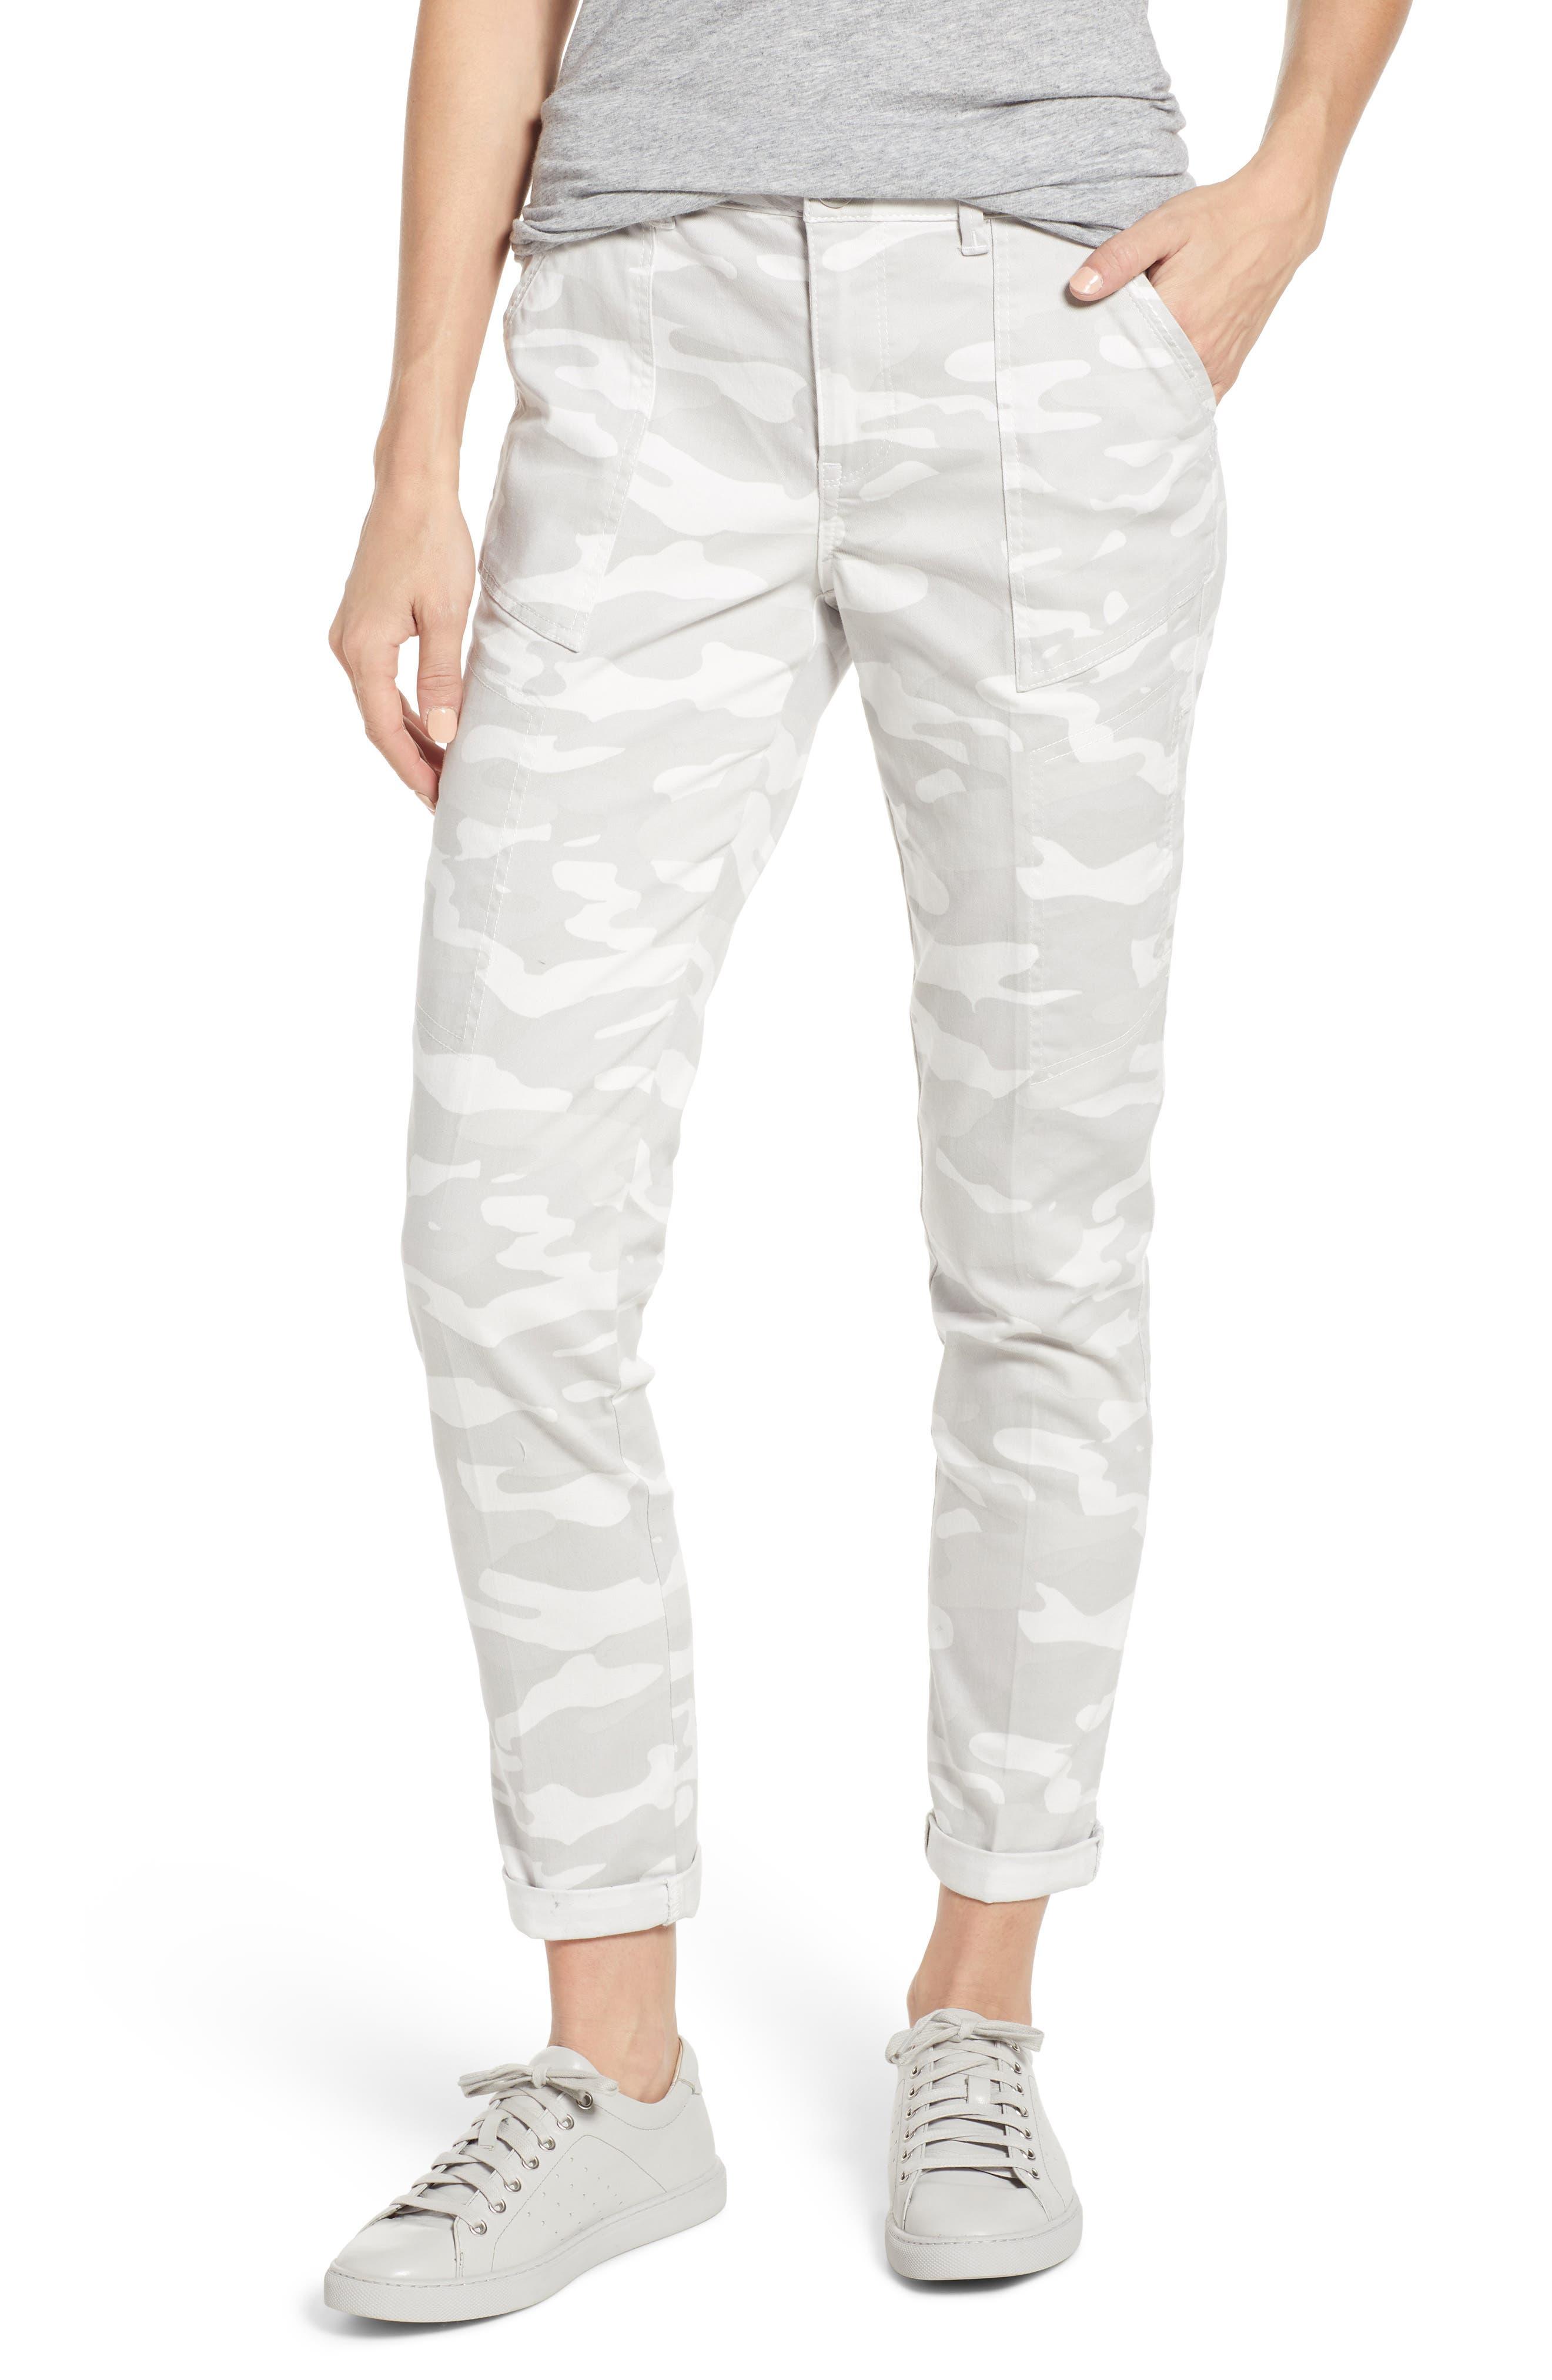 Wit & Wisdom Flex-Ellent Camo High Waist Cargo Pants, Grey (Nordstrom Exclusive)